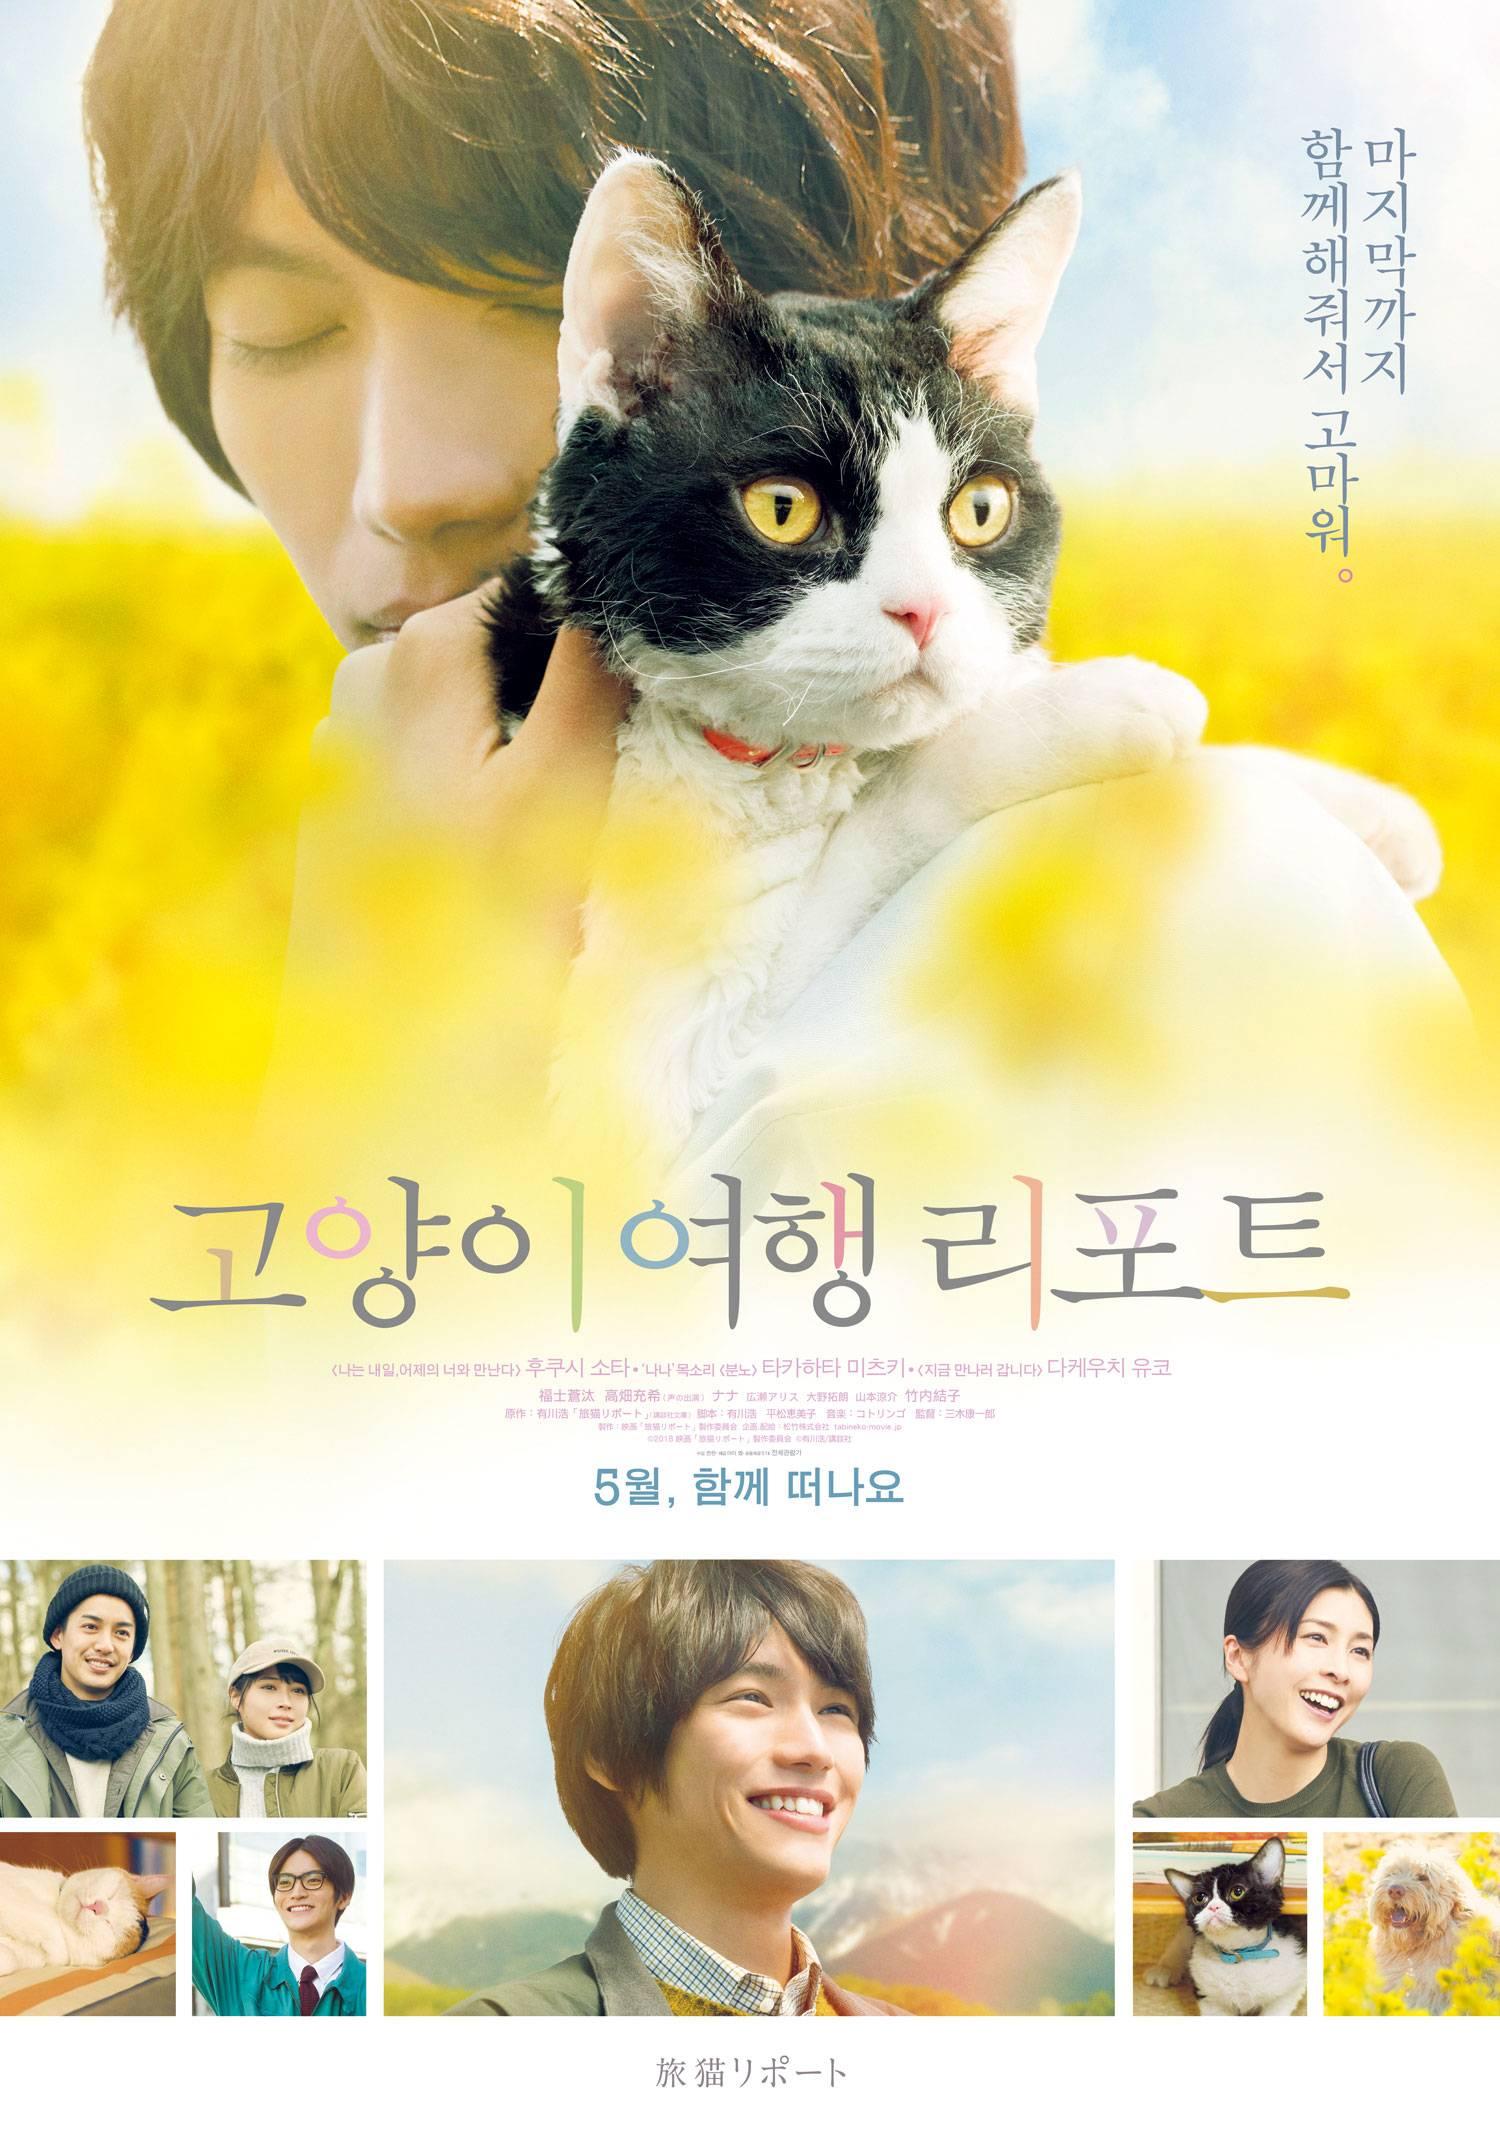 영화 '고양이 여행 리포트' 시사회에 인스티즈 회원 여러분을 초대합니다 | 인스티즈